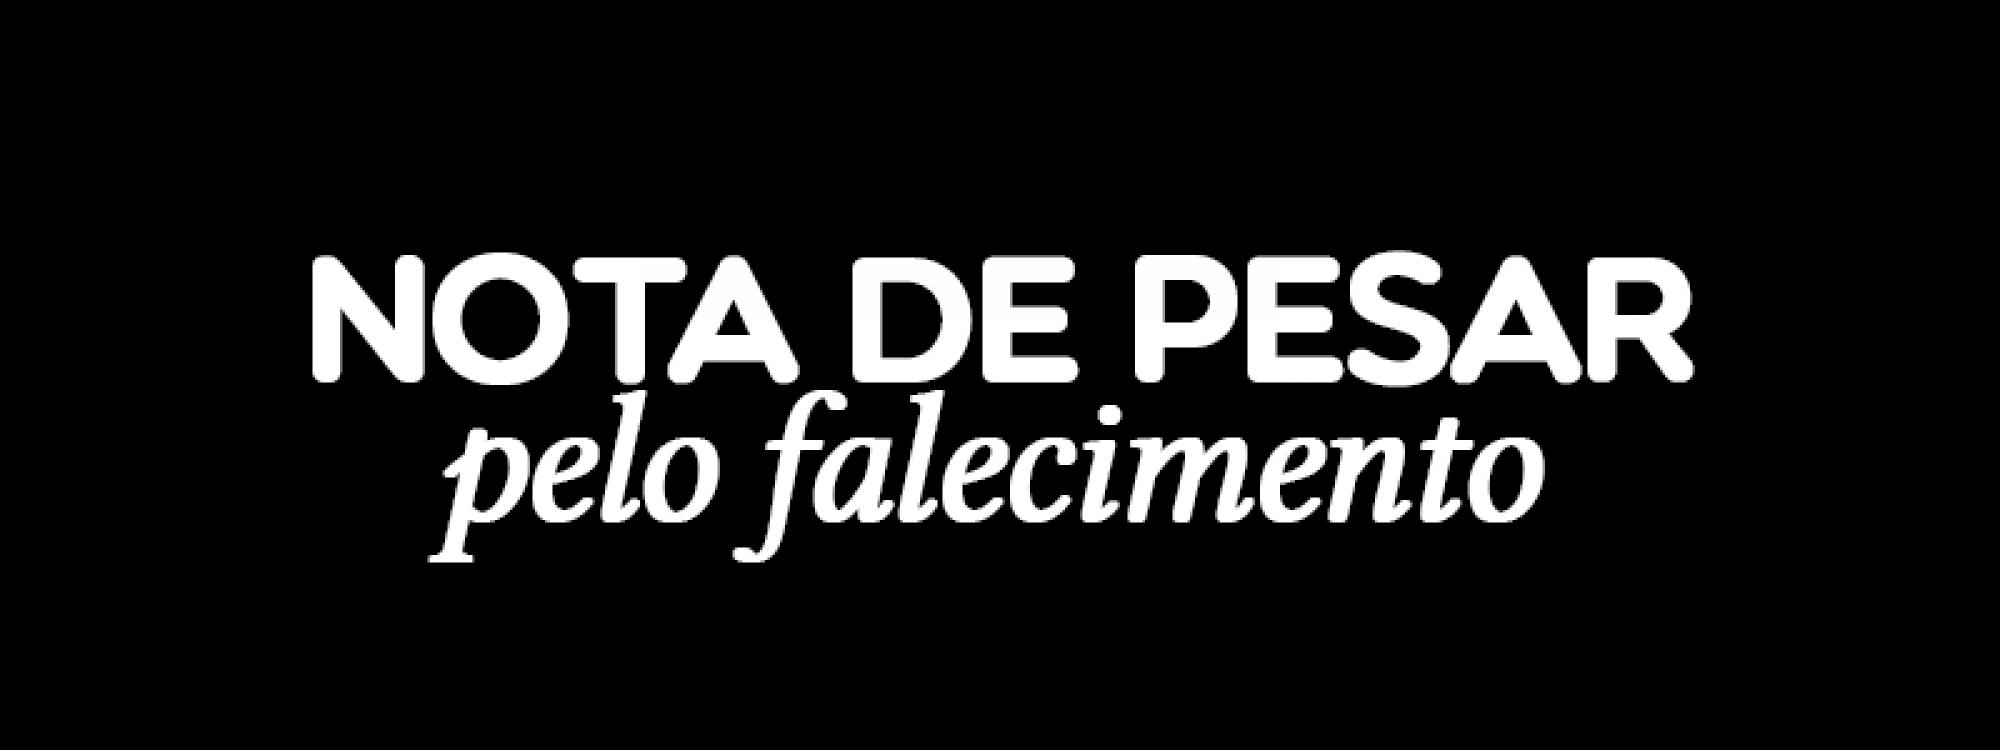 Nota de pesar pelo falecimento do professor Joaquim Antônio de Assis Vilar